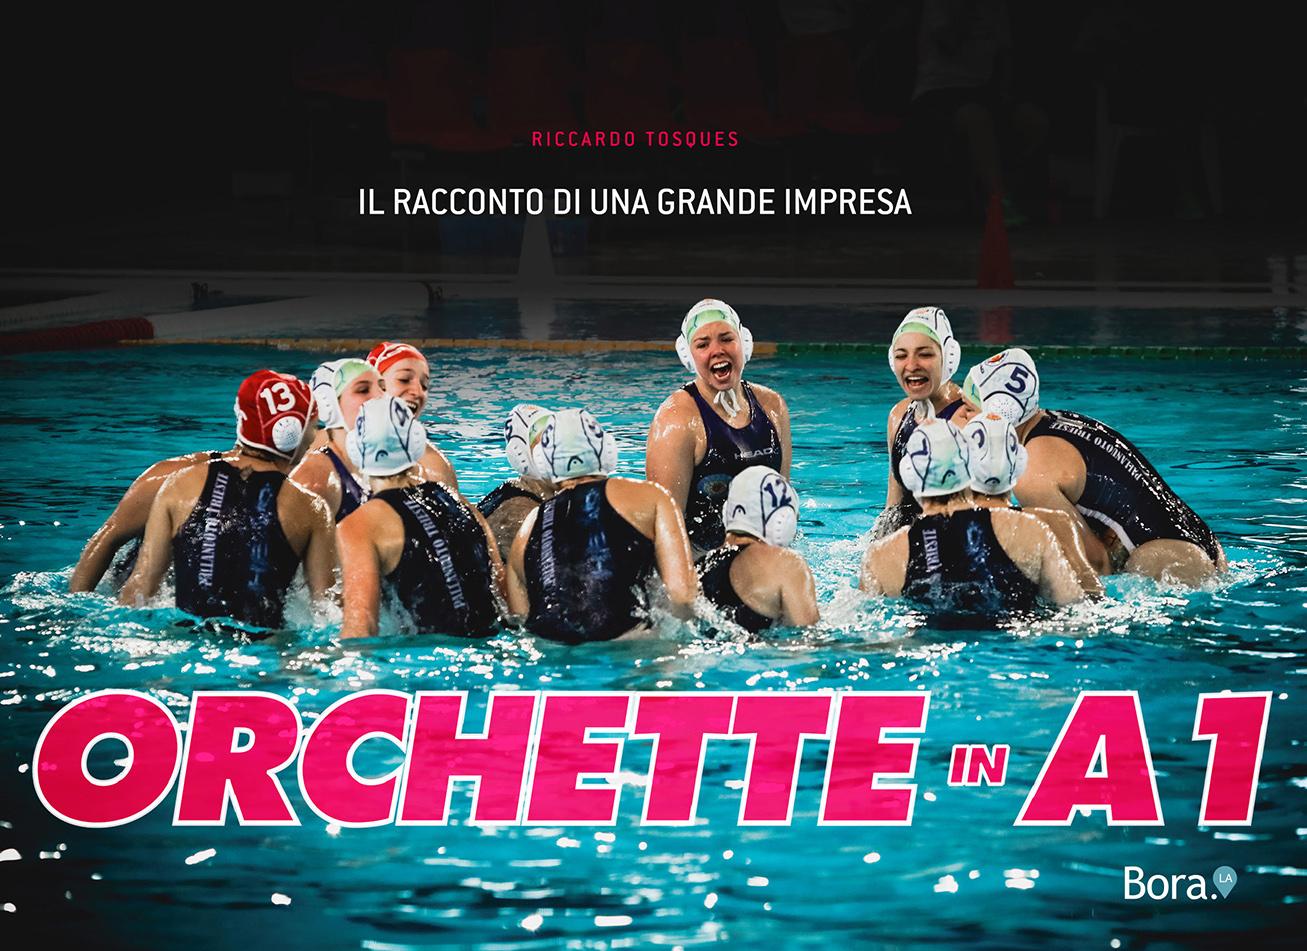 """La presentazione ufficiale della stagione 2019/2020. E del libro """"Orchette in A1 - Il racconto di una grande impresa"""""""